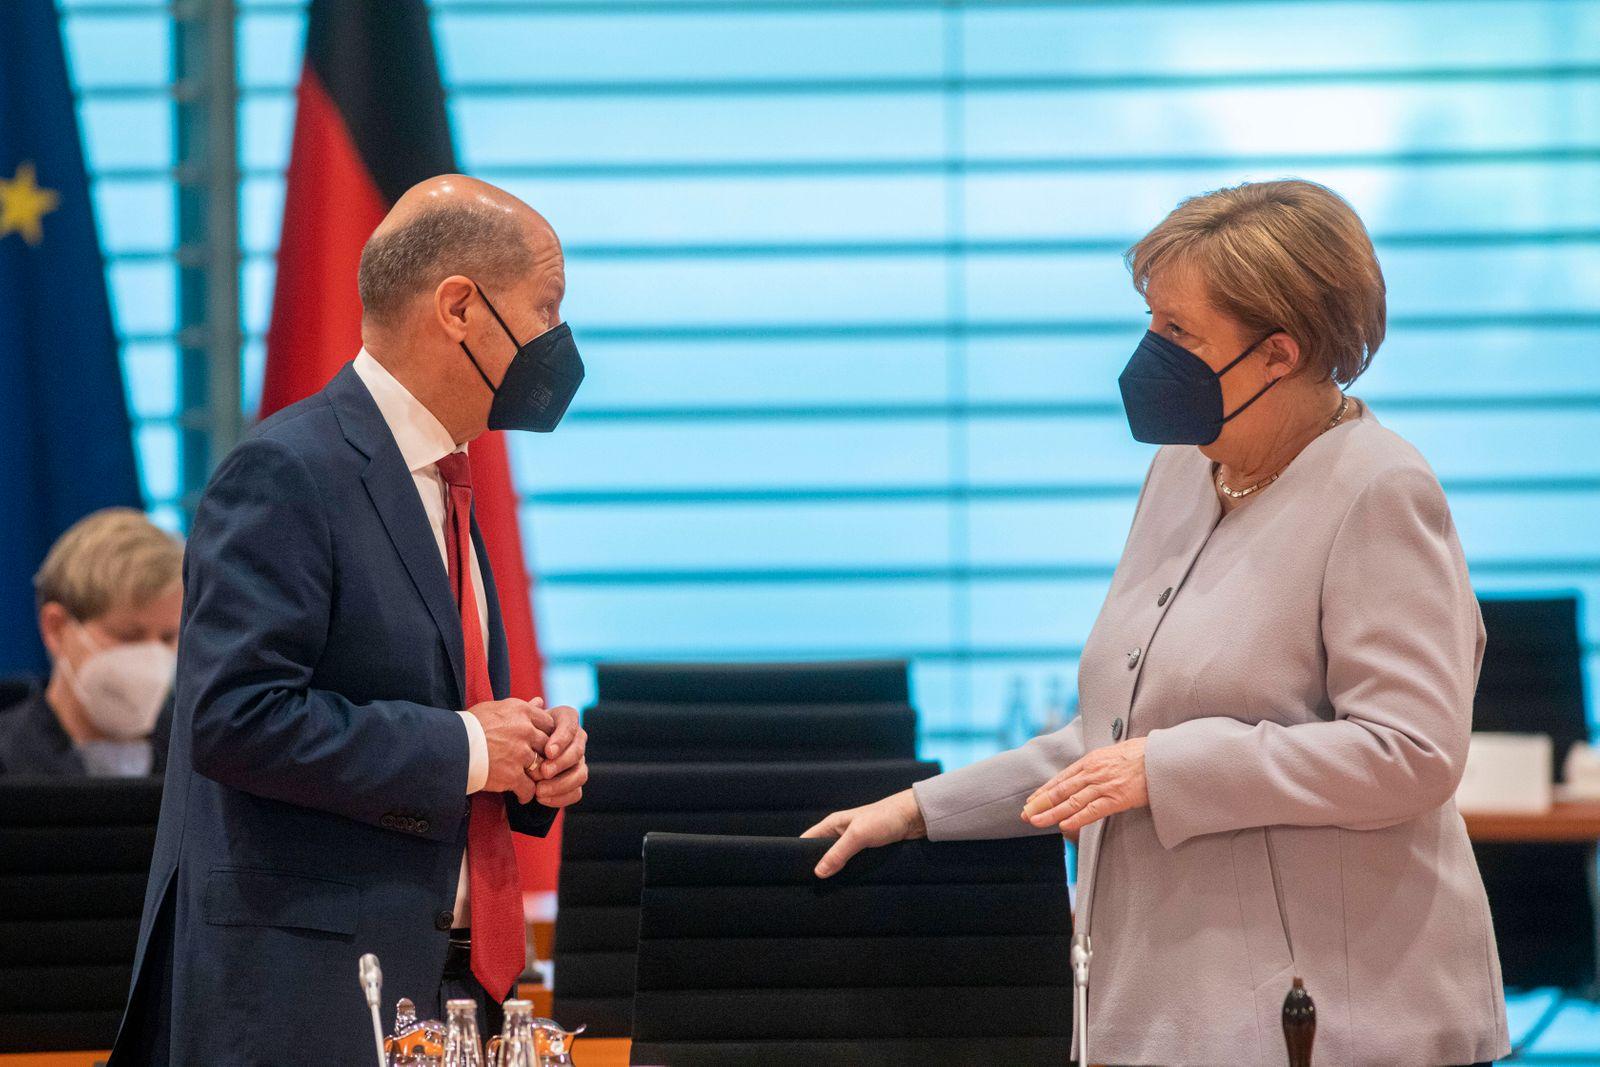 Deutschland, Berlin, Bundeskanzleramt, 145. Sitzung des Bundeskabinetts, Finanzminister Olaf Scholz SPD und Bundeskanzl